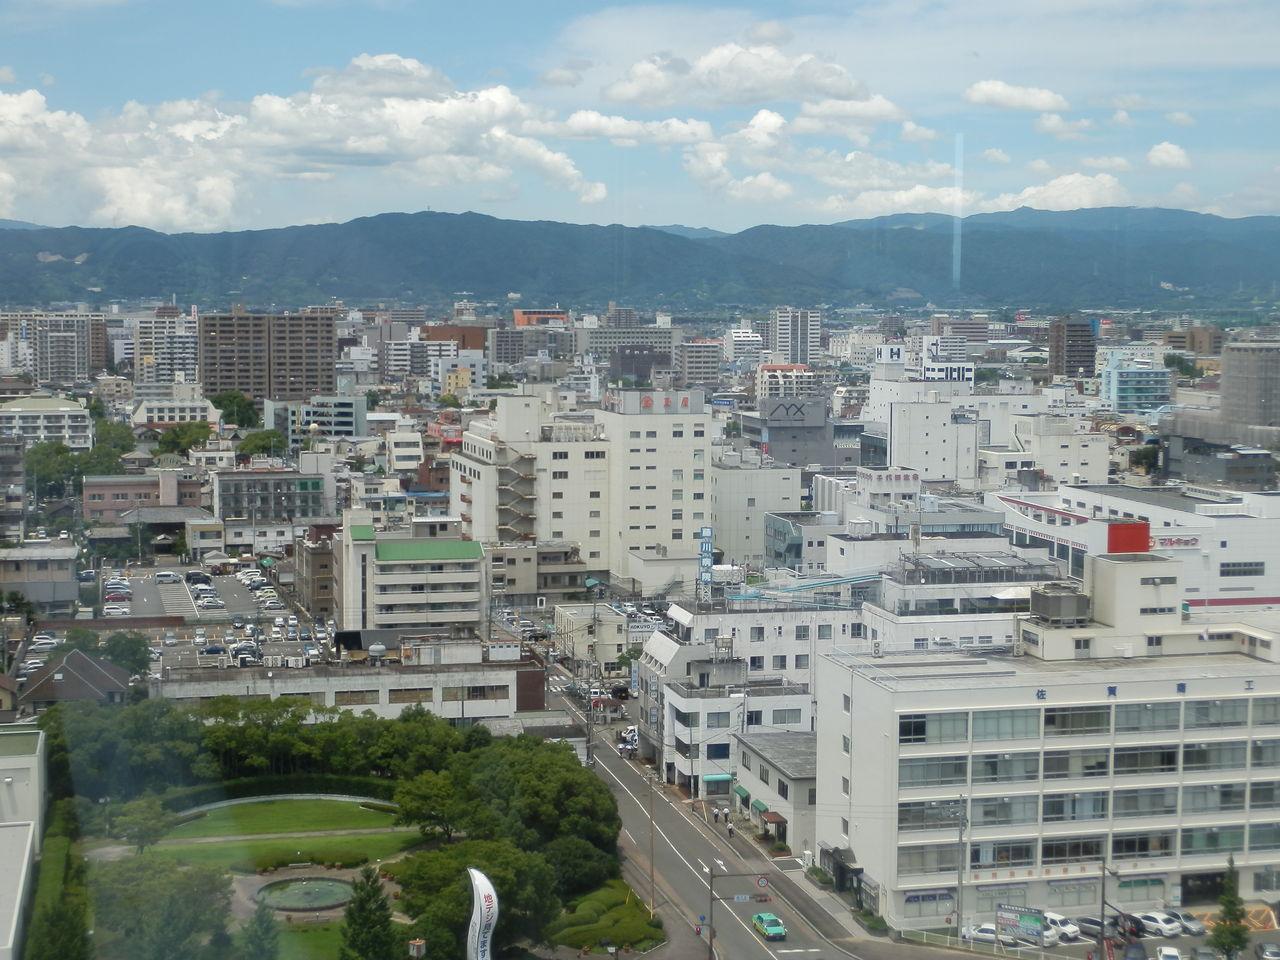 福井駅前通信 : 佐賀市の中心市街地活性化基本計画